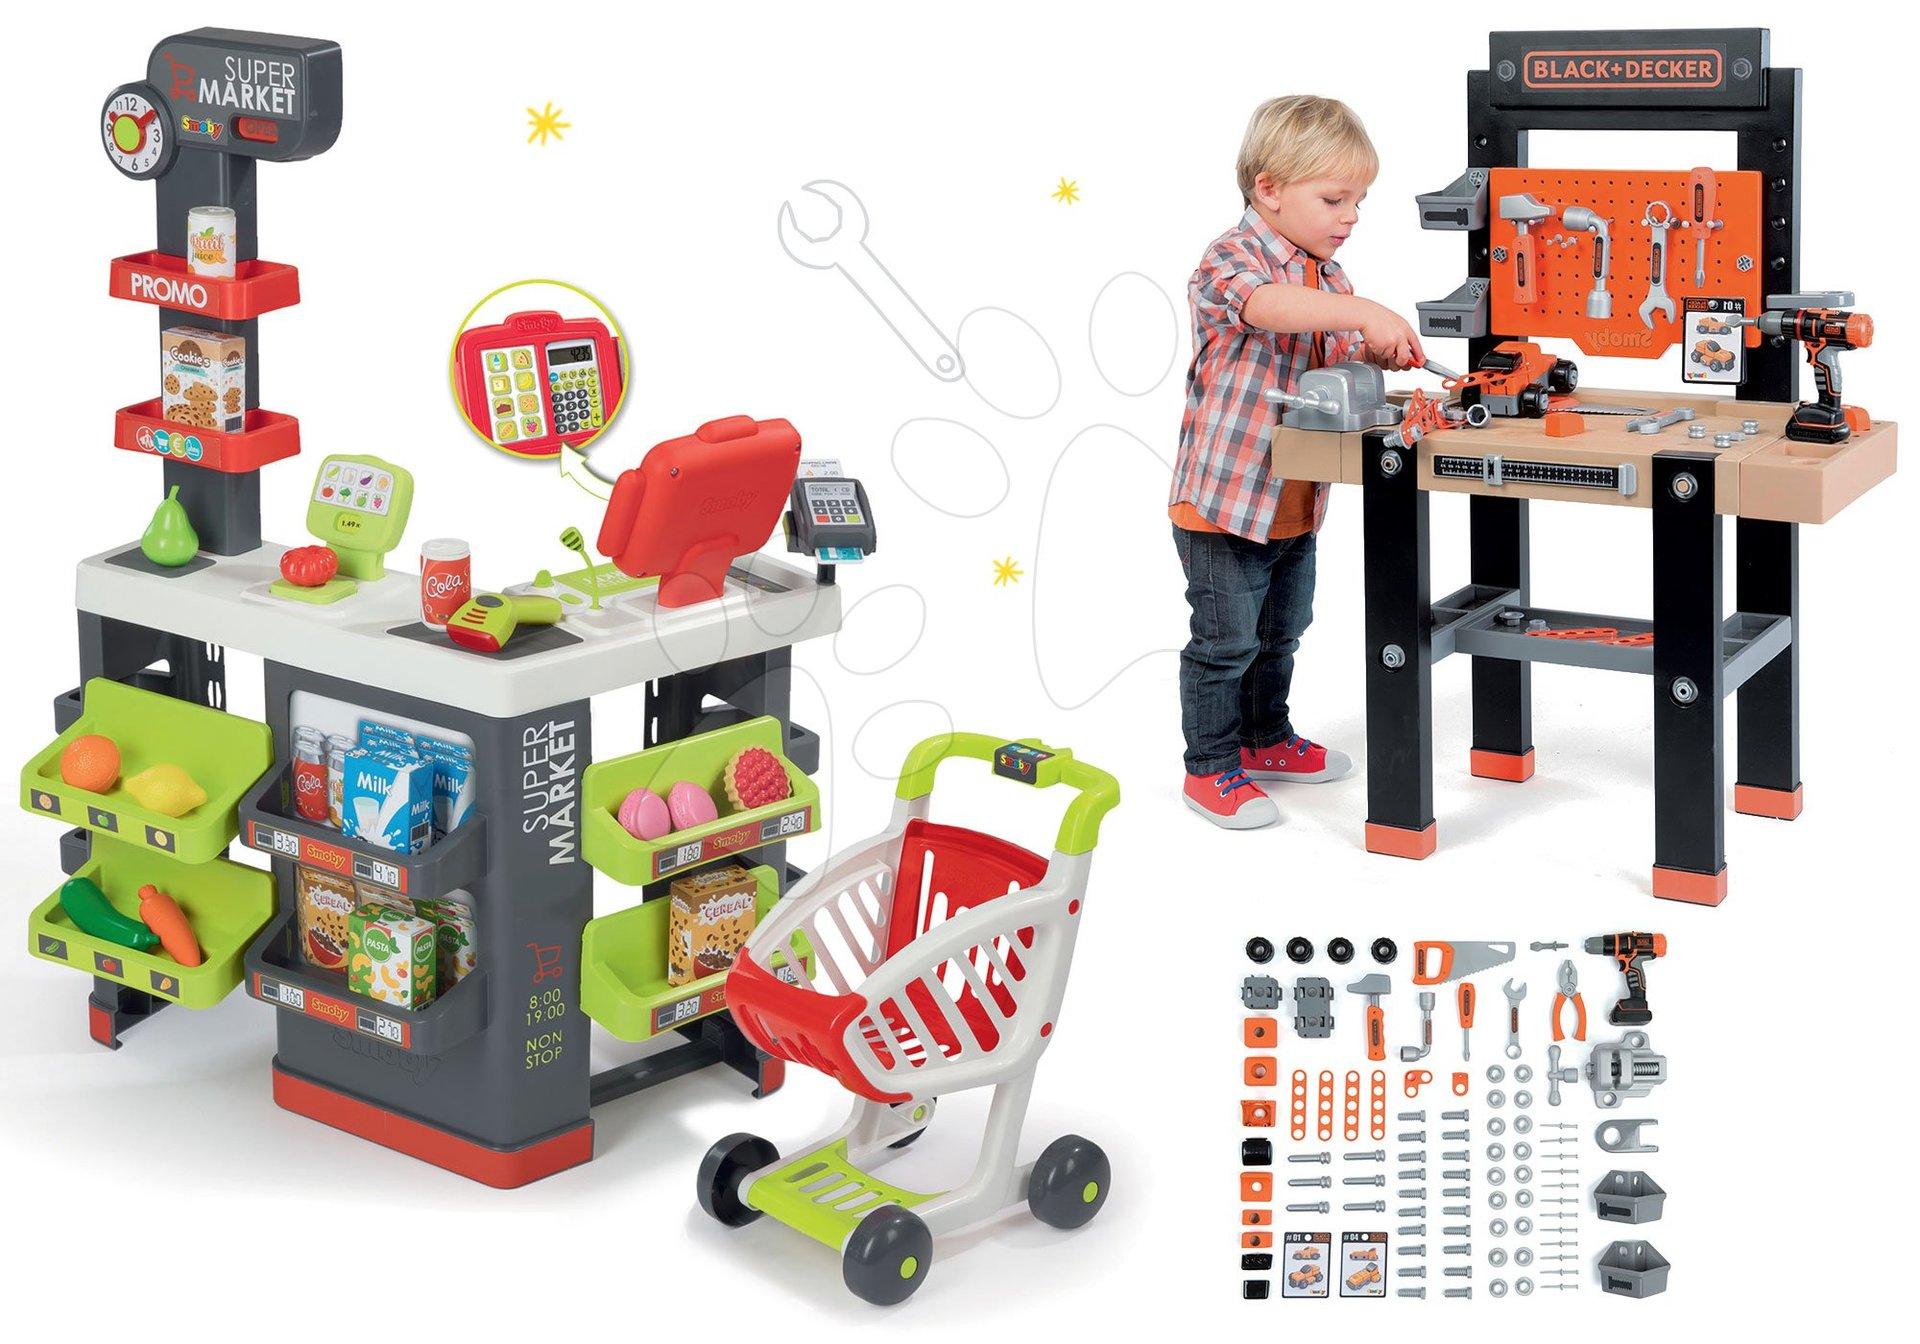 Smoby set obchod s vozíkom Supermarket a pracovní dílna Black+Decker s vrtačkou 350213-11